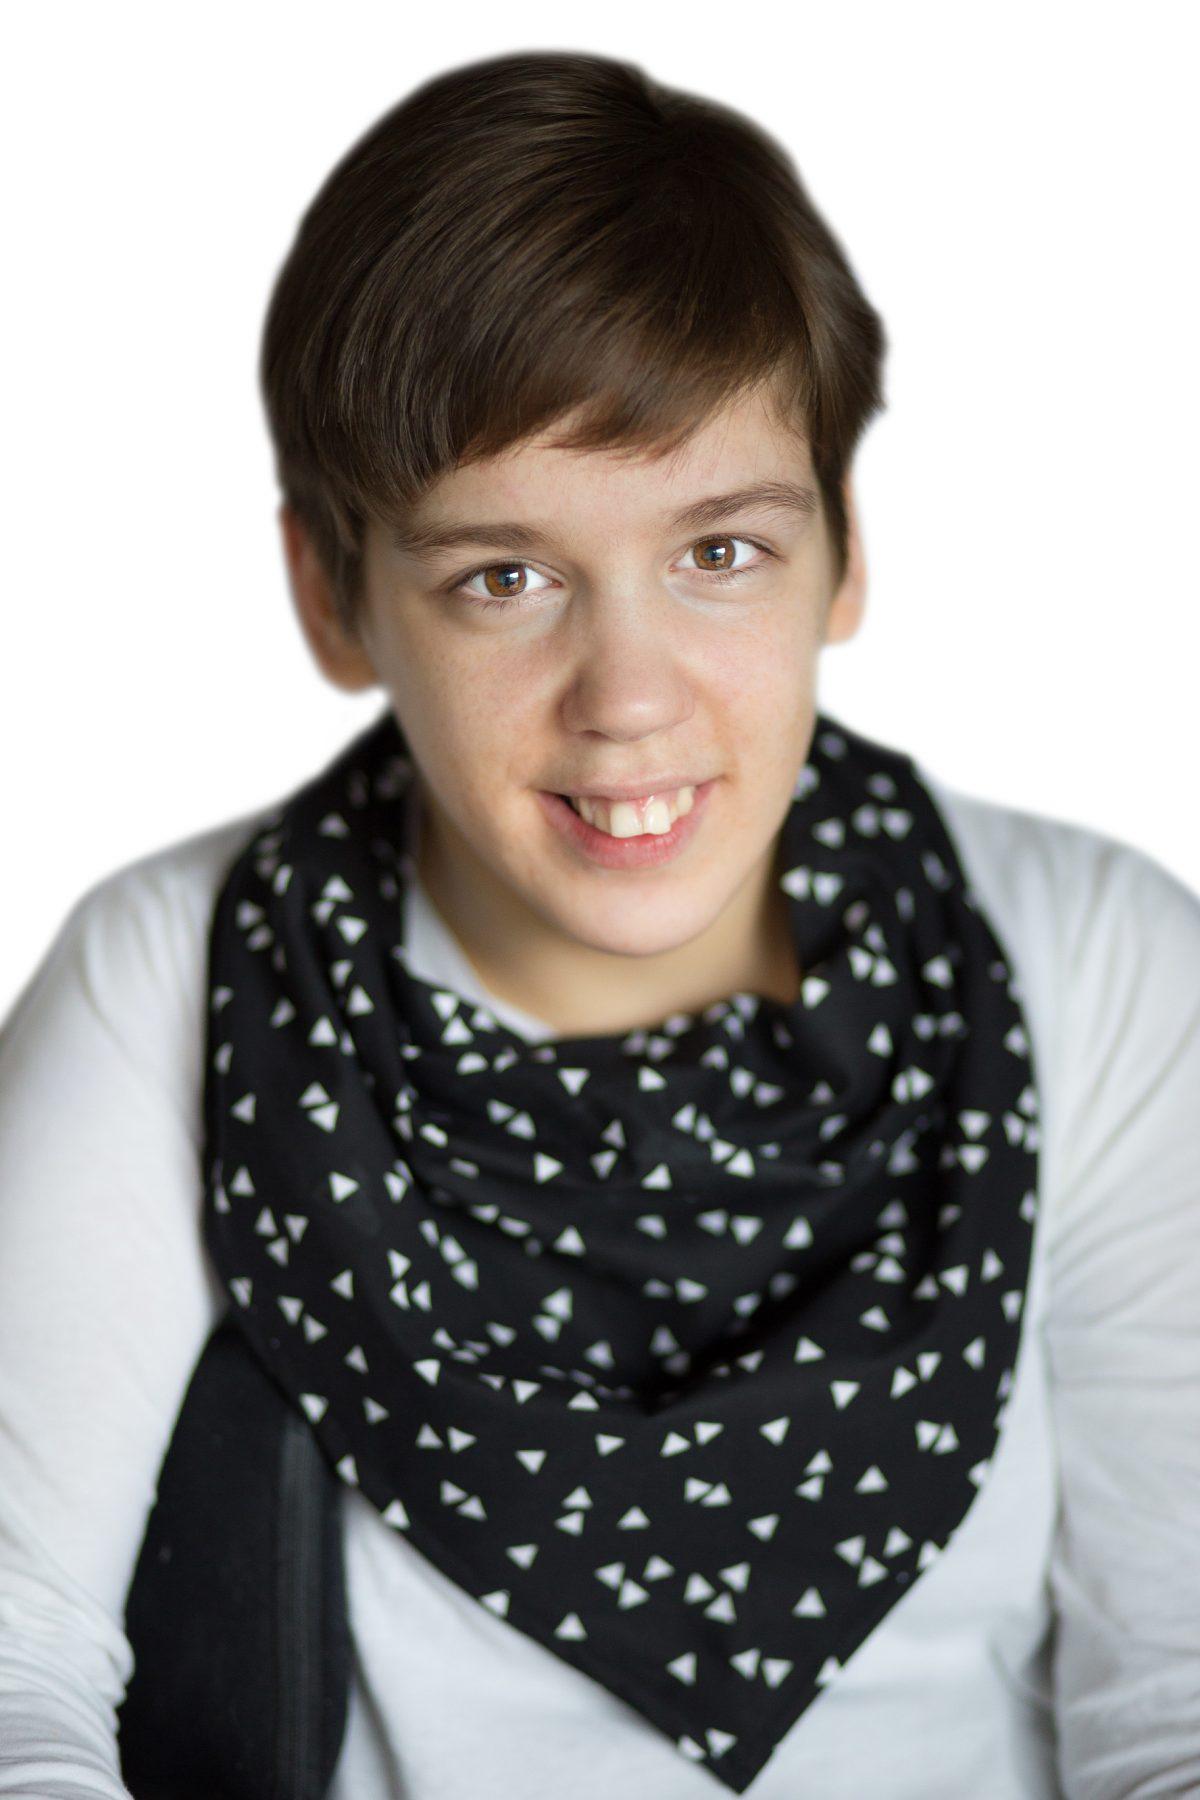 Dcera Nemčkové Paulína, která je tváří e-shopu Needo